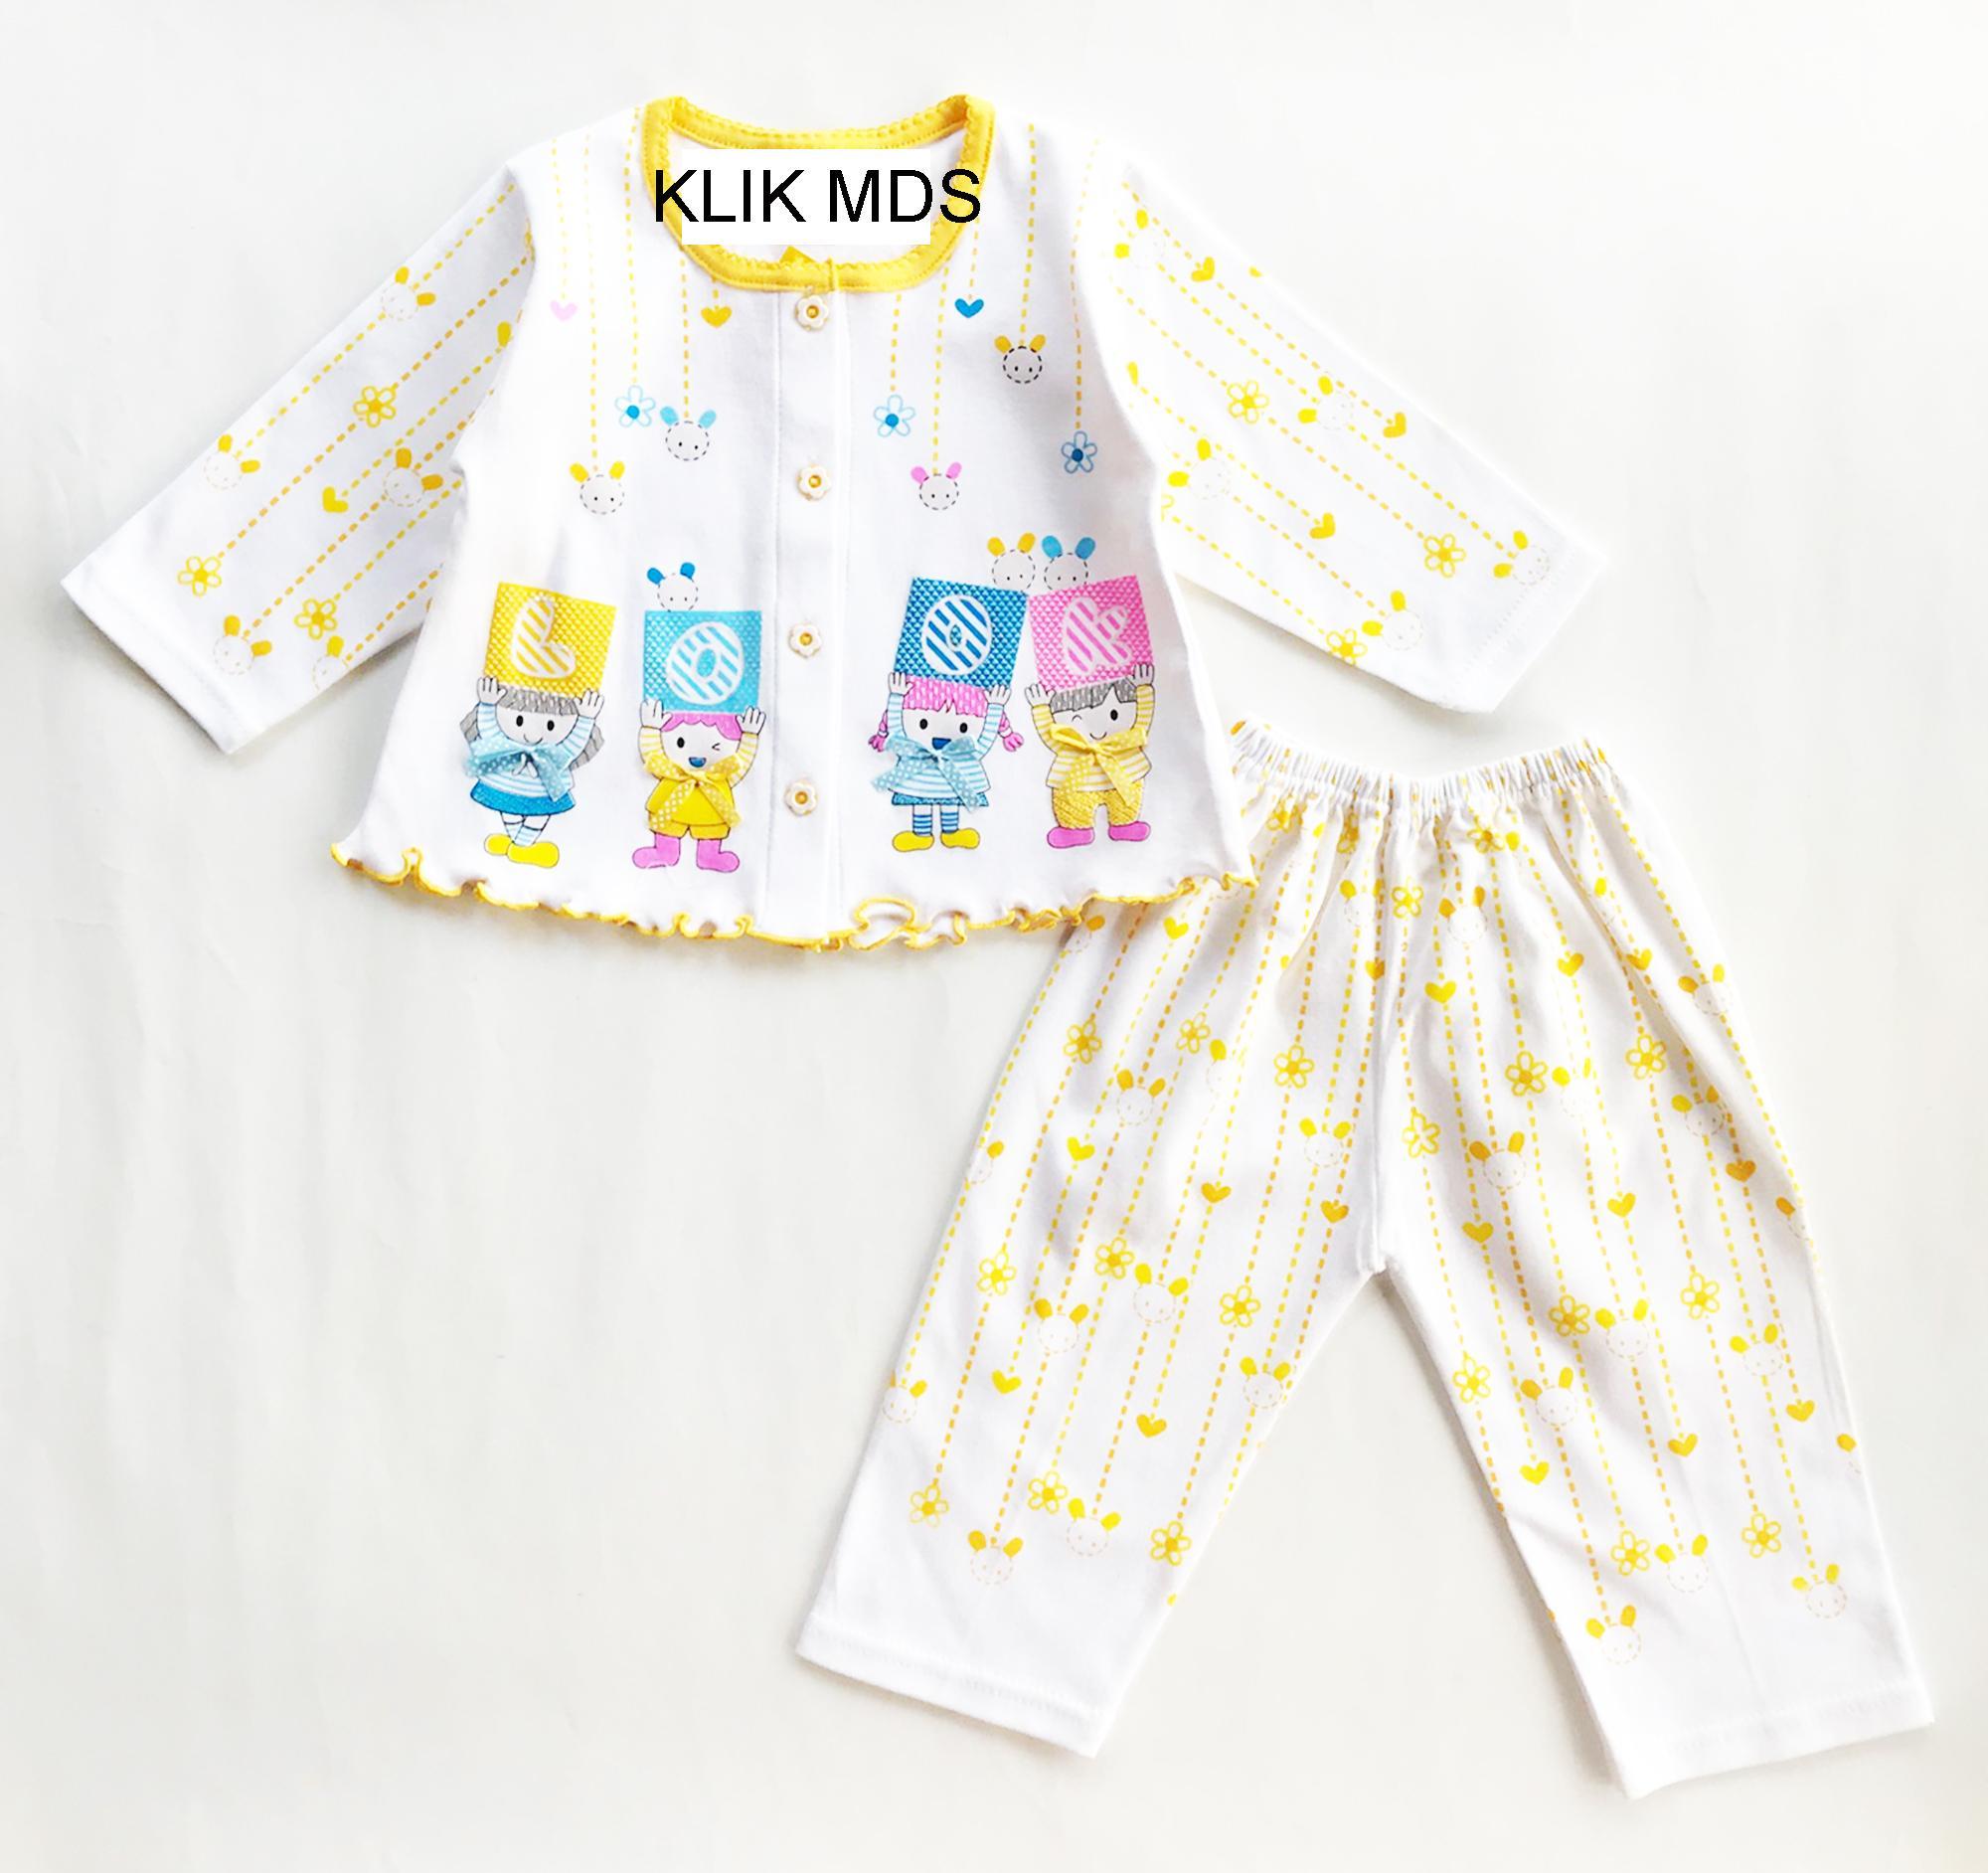 Baju Tidur Bayi Perempuan Piyama Anak Baby 1 3thn Lovely Cow Setelan Laki Klik Mds Motif Look Boy Girl Tangan Panjang Celana